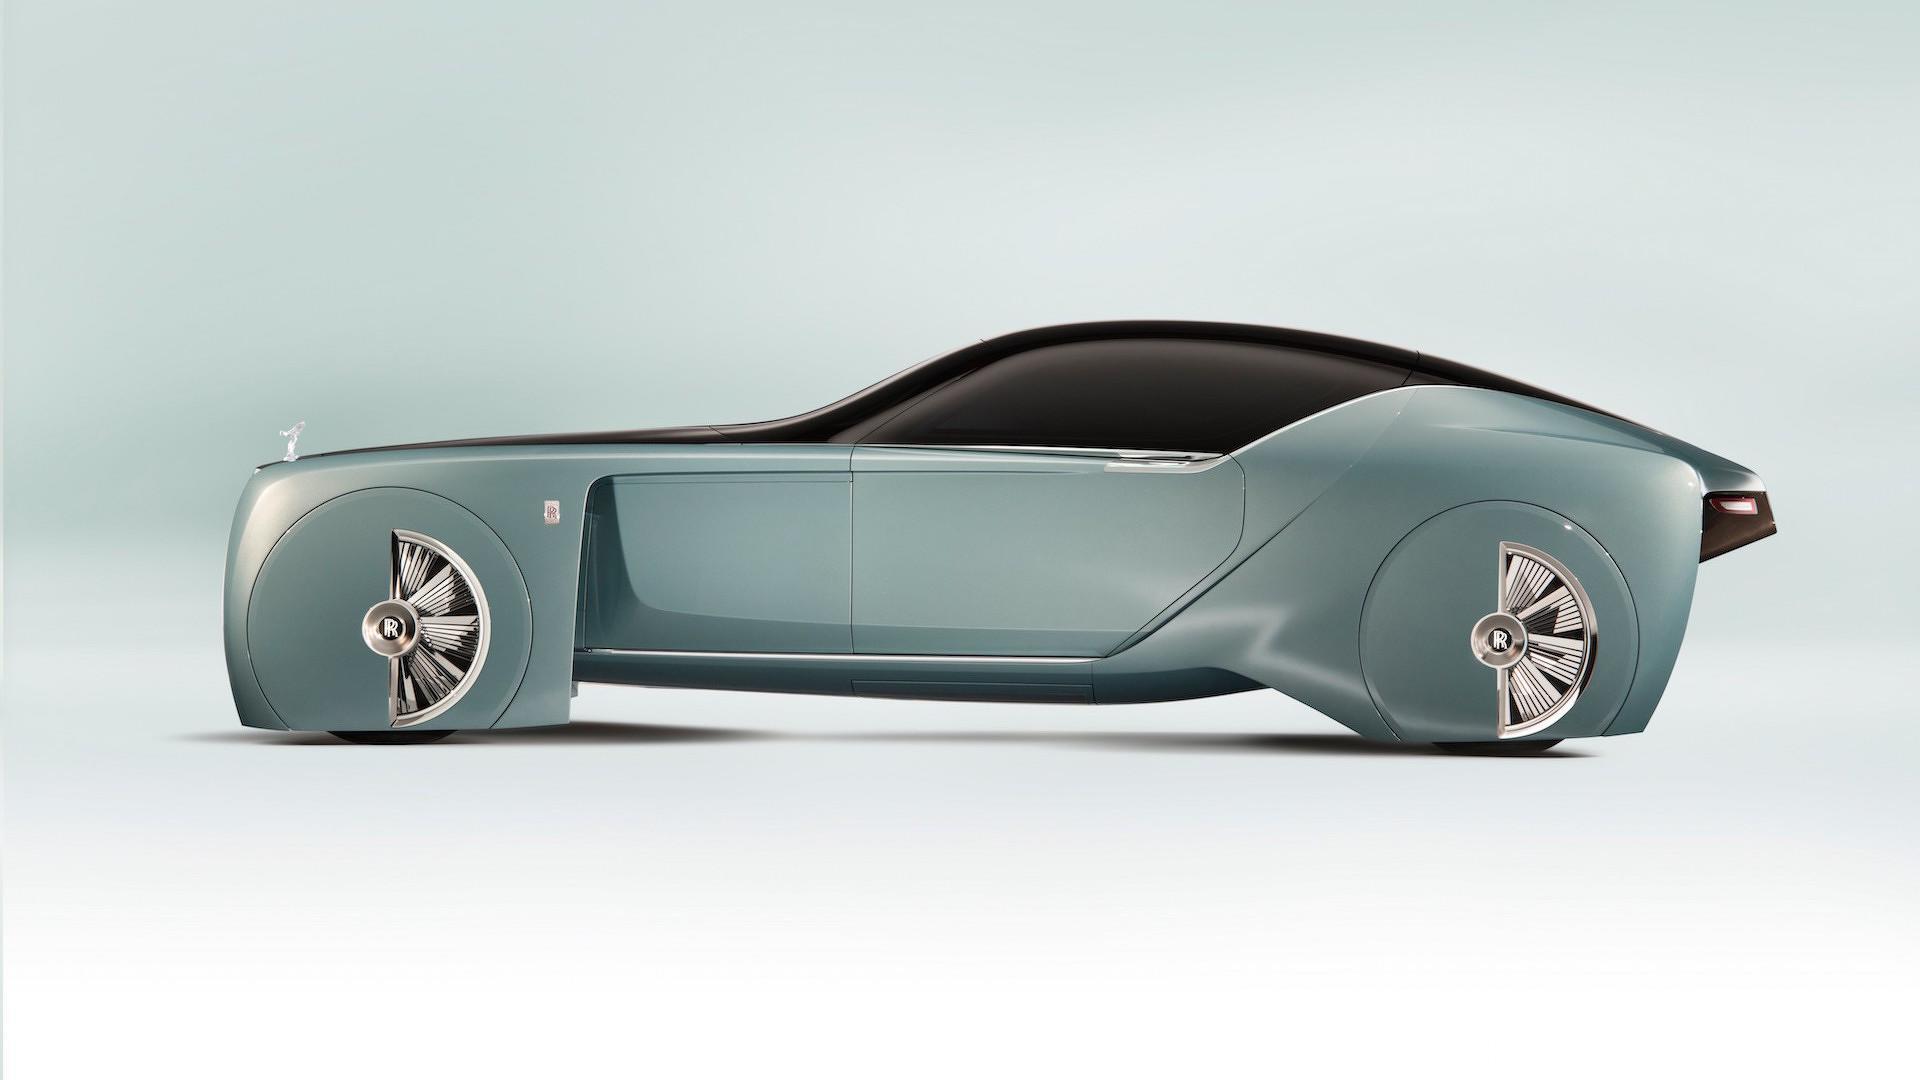 Rolls-Royce Silent Shadow: Planen die Briten ein Elektroauto der Luxusklasse?